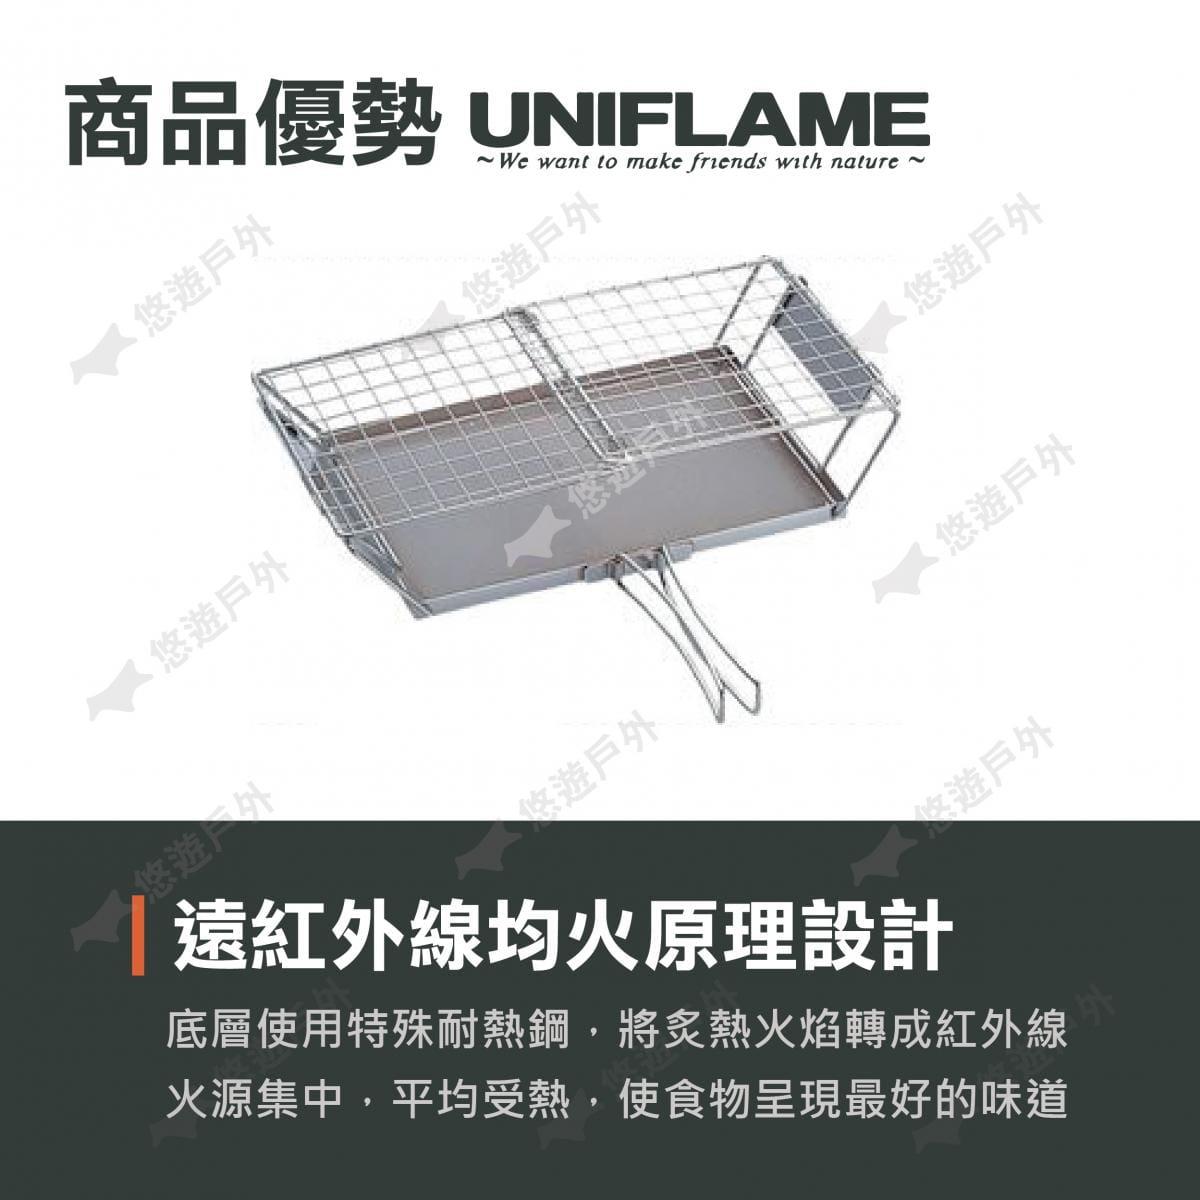 【悠遊戶外】UNIFLAME烤土司架 1